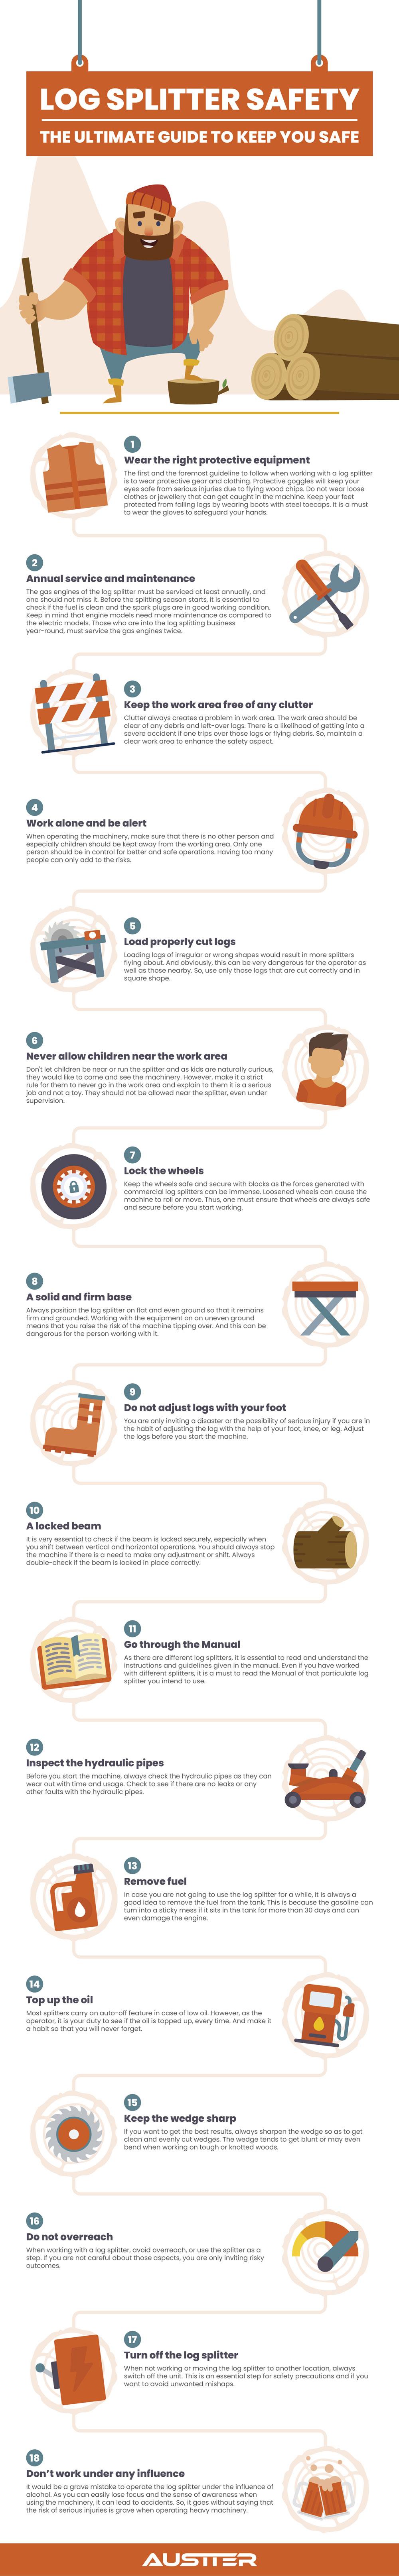 Log Splitter Safety